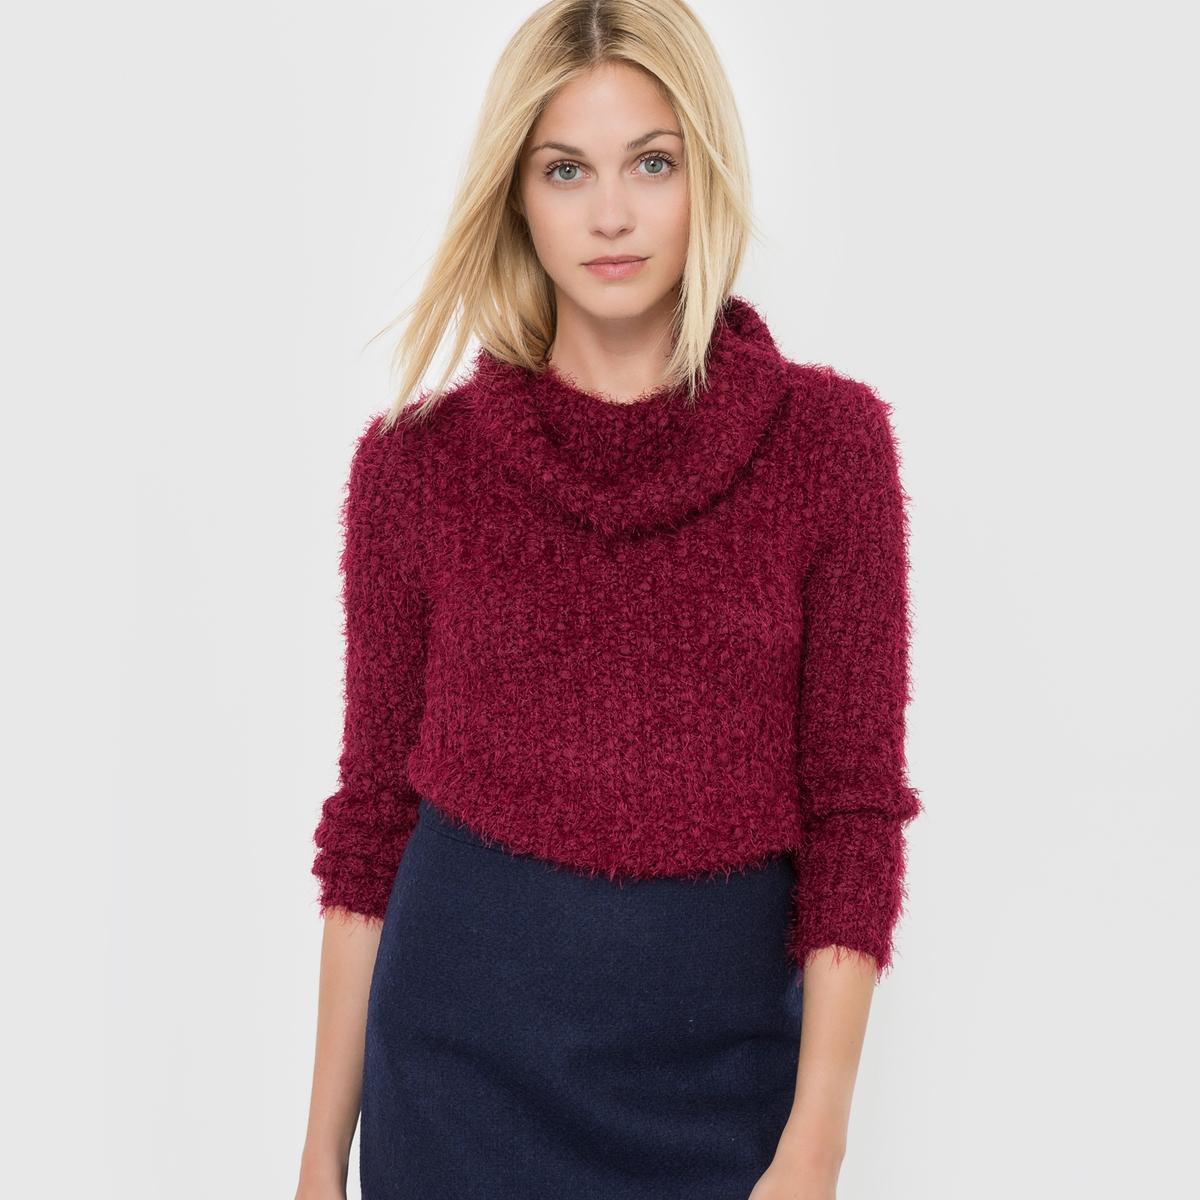 Пуловер с высоким воротникомСостав и описание :Материал : 70% полиамида, 30% акрила.Марка : MOLLY BRACKEN.<br><br>Цвет: бордовый